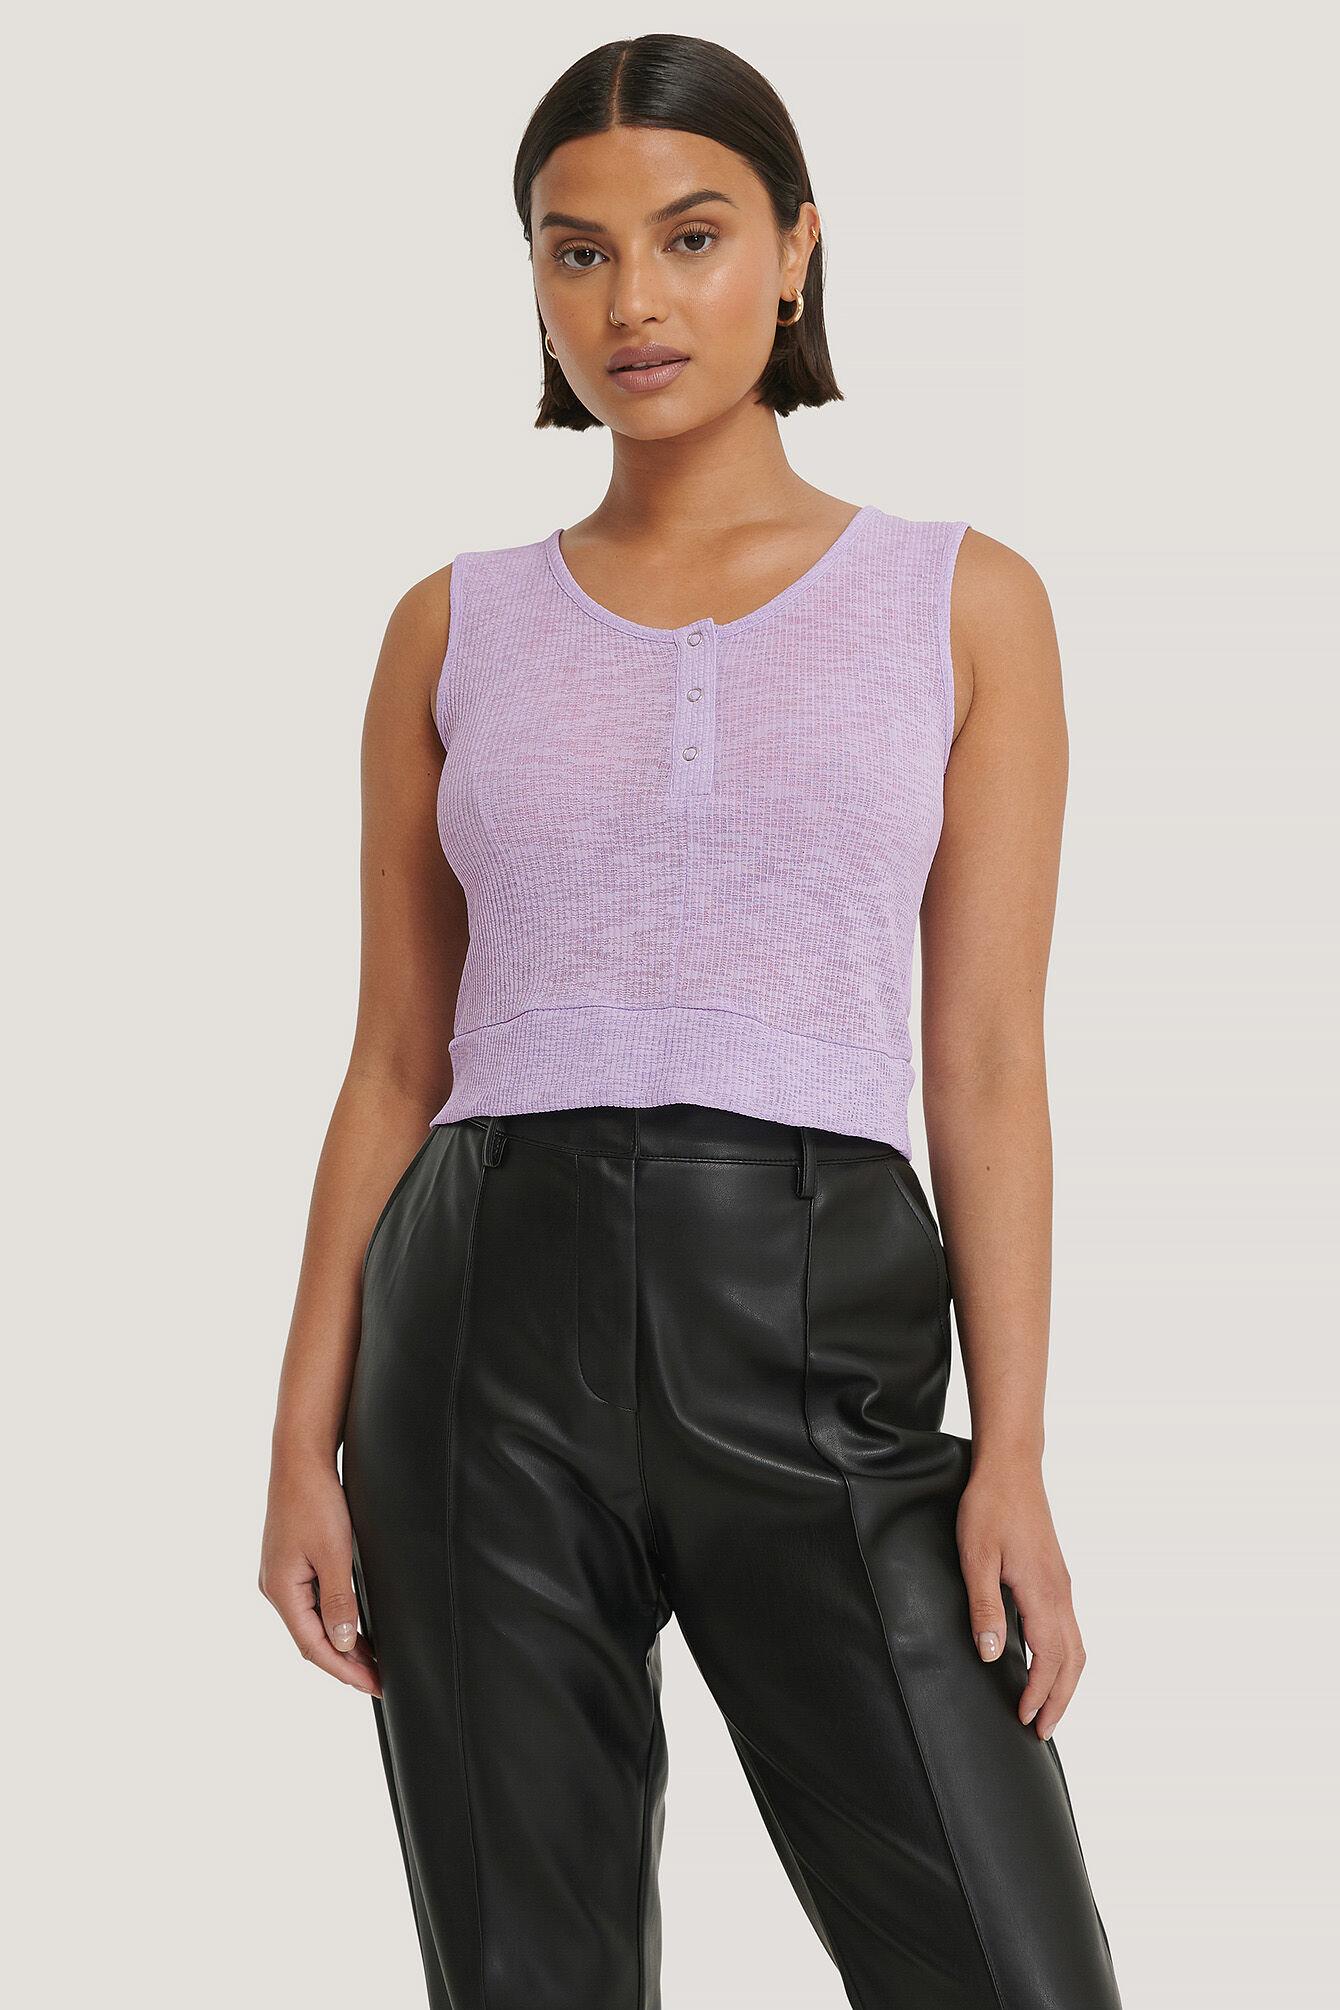 Trendyol Snap Knit Top - Purple